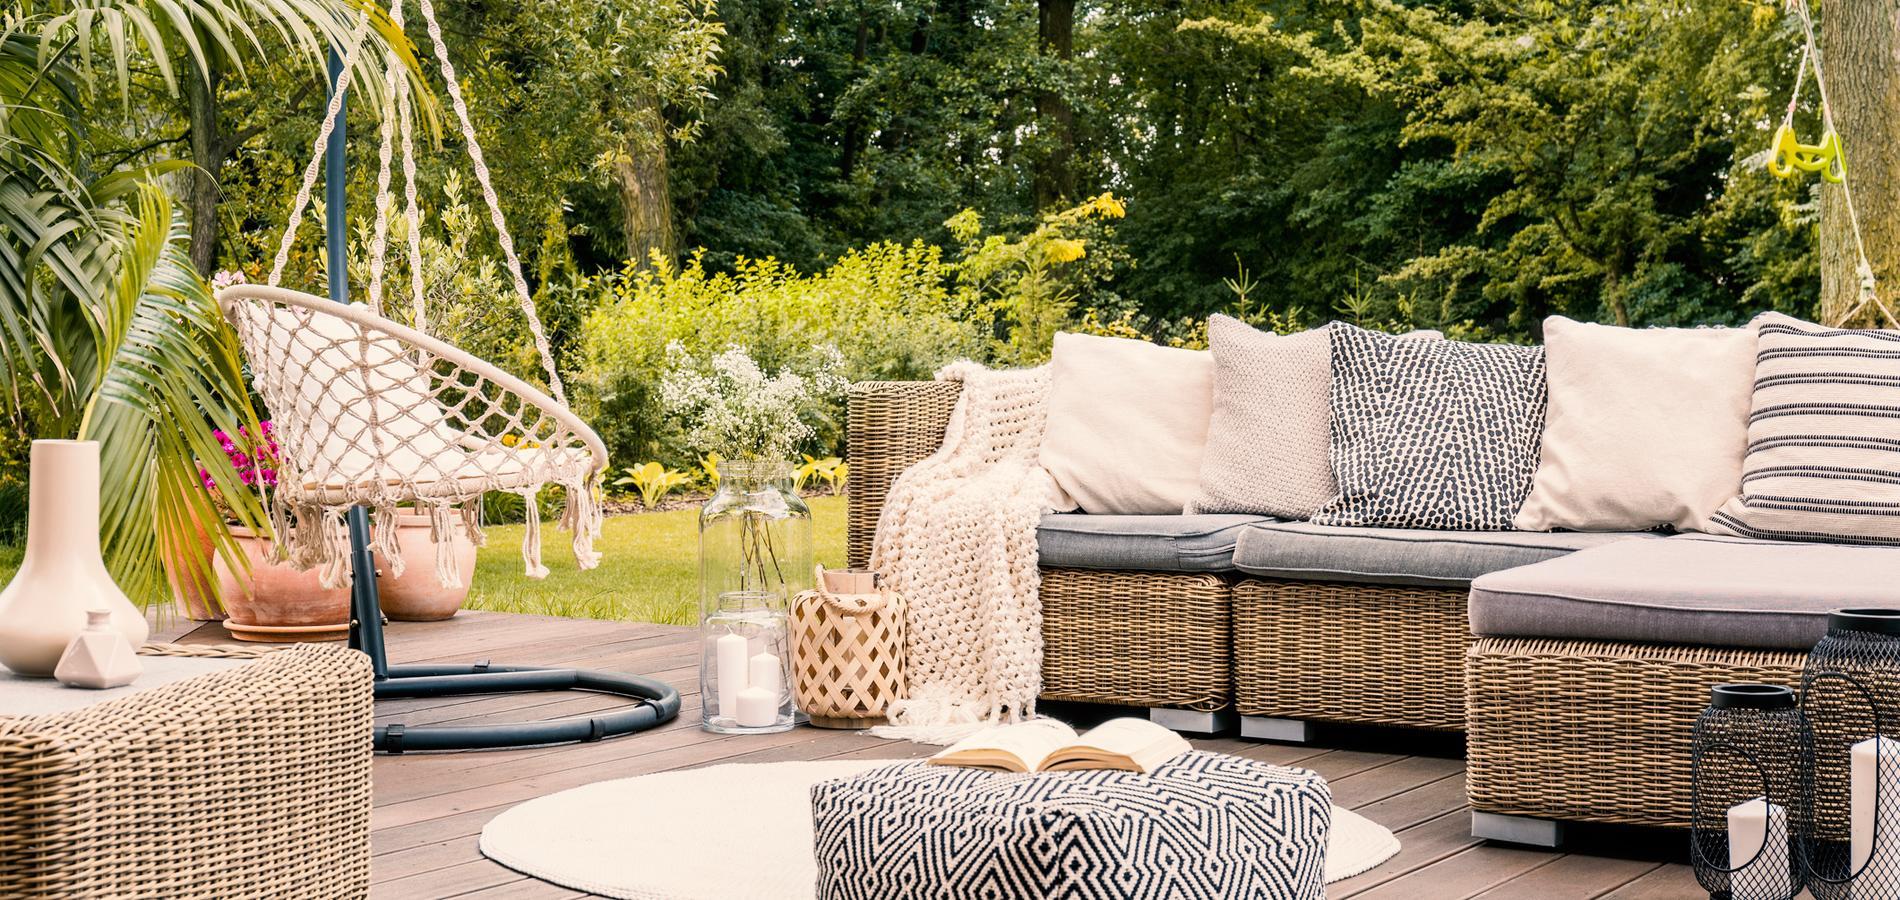 Salon De Jardin Confortable Luxe Salon Terrasse | Salon Jardin dedans Salon De Jardin Confortable